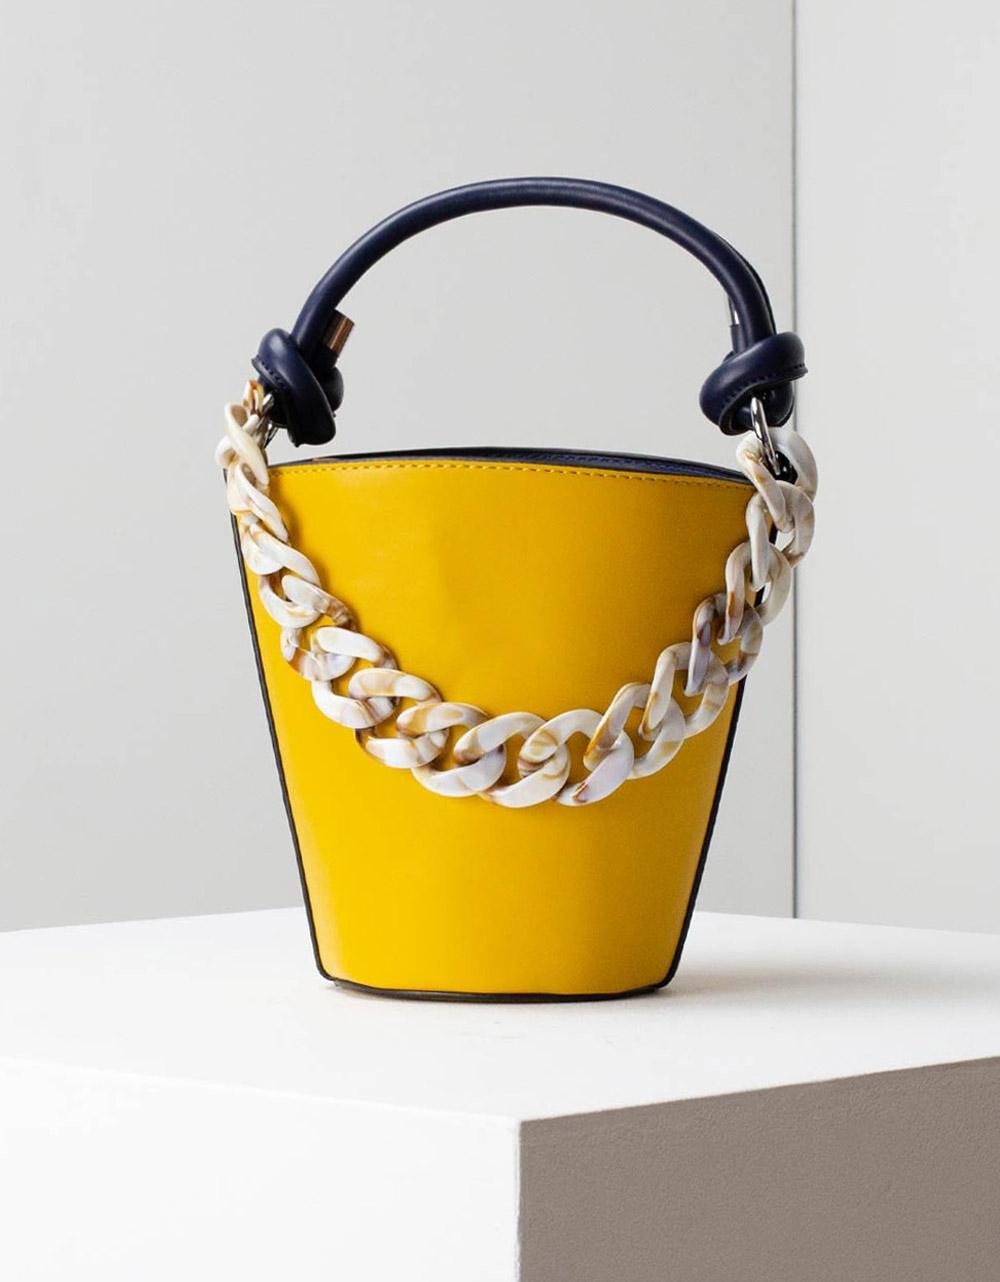 Εικόνα από Γυναικείες τσάντες ώμου με λεπτομέρειες Κίτρινο